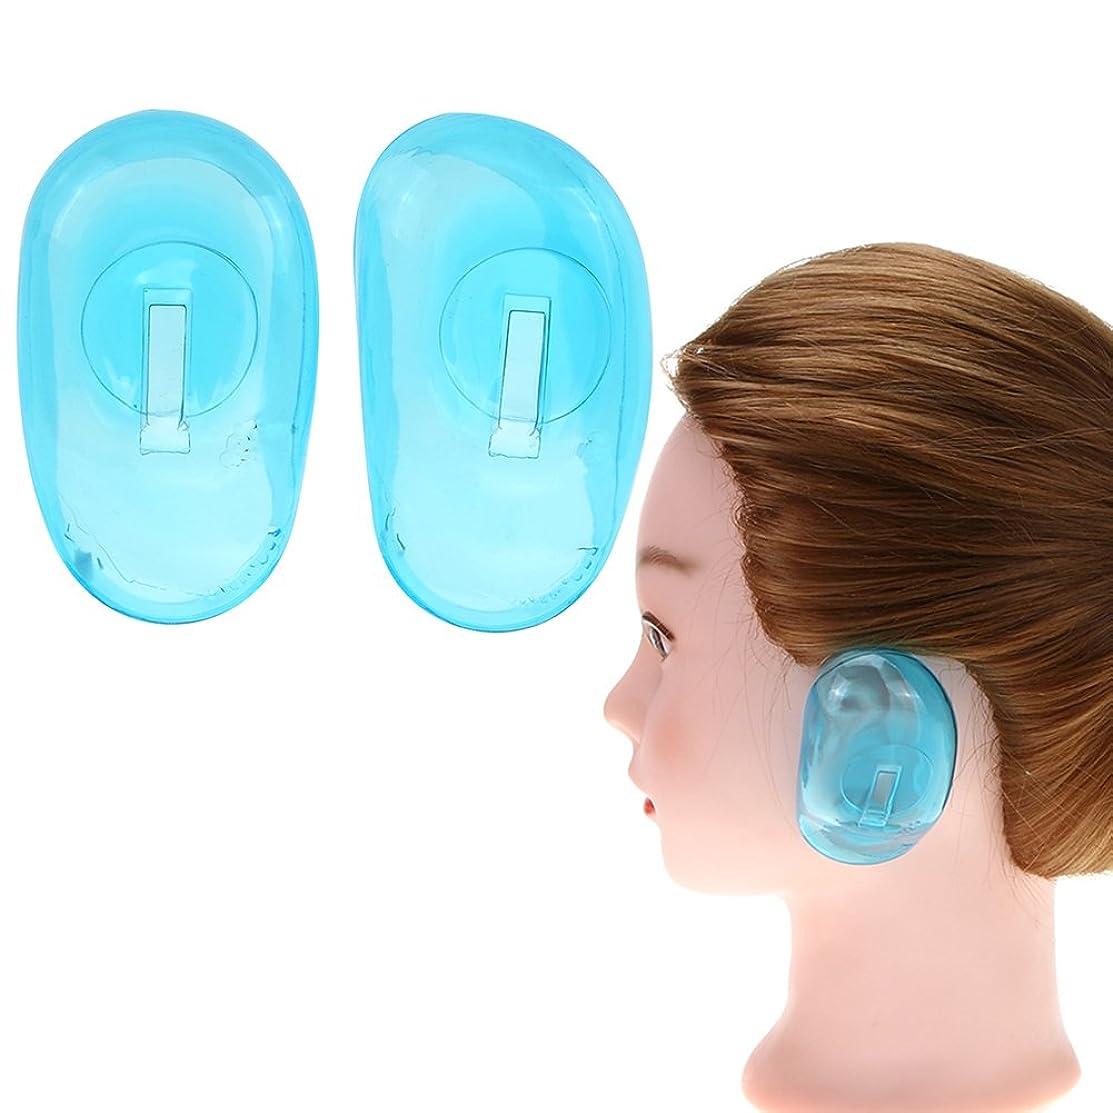 からに変化する原理ヘルメットRuier-tong 5ペア耳カバー 毛染め用 シリコン製 耳キャップ 柔らかいイヤーキャップ ヘアカラー シャワー 耳保護 ヘアケアツール サロン 洗える 繰り返す使用可能 エコ 8.5x5cm